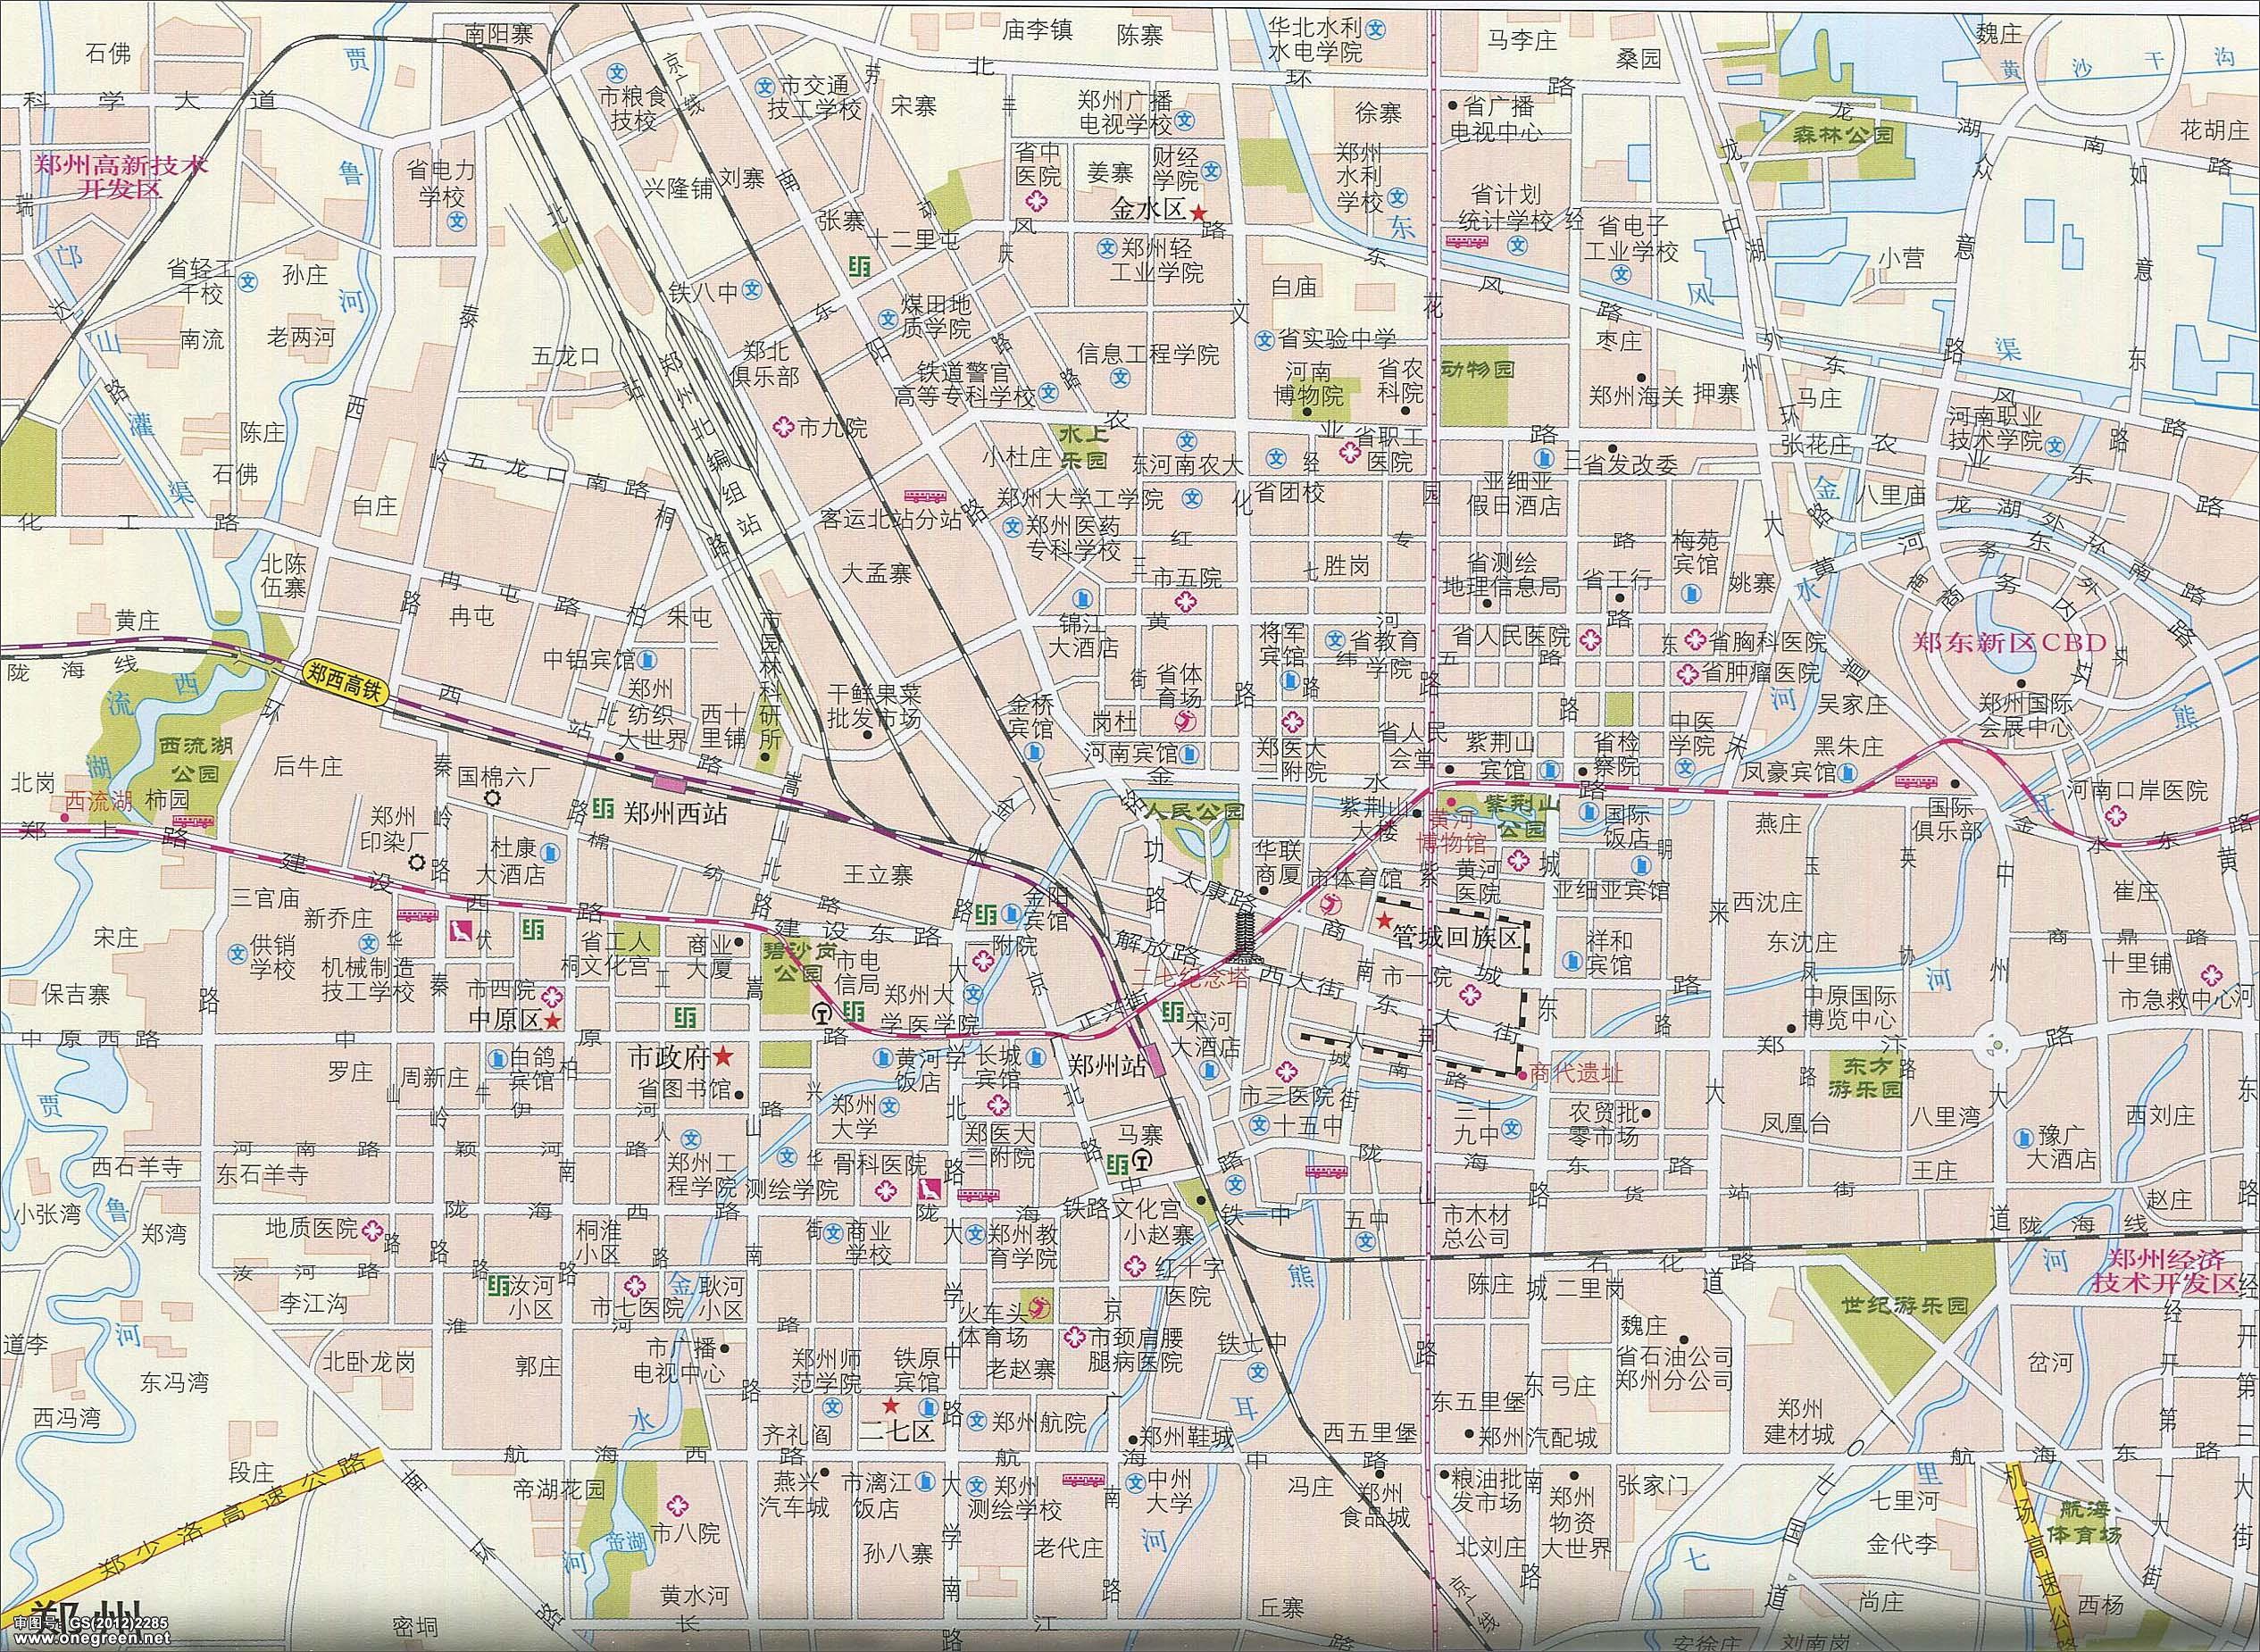 郑州地图地形版